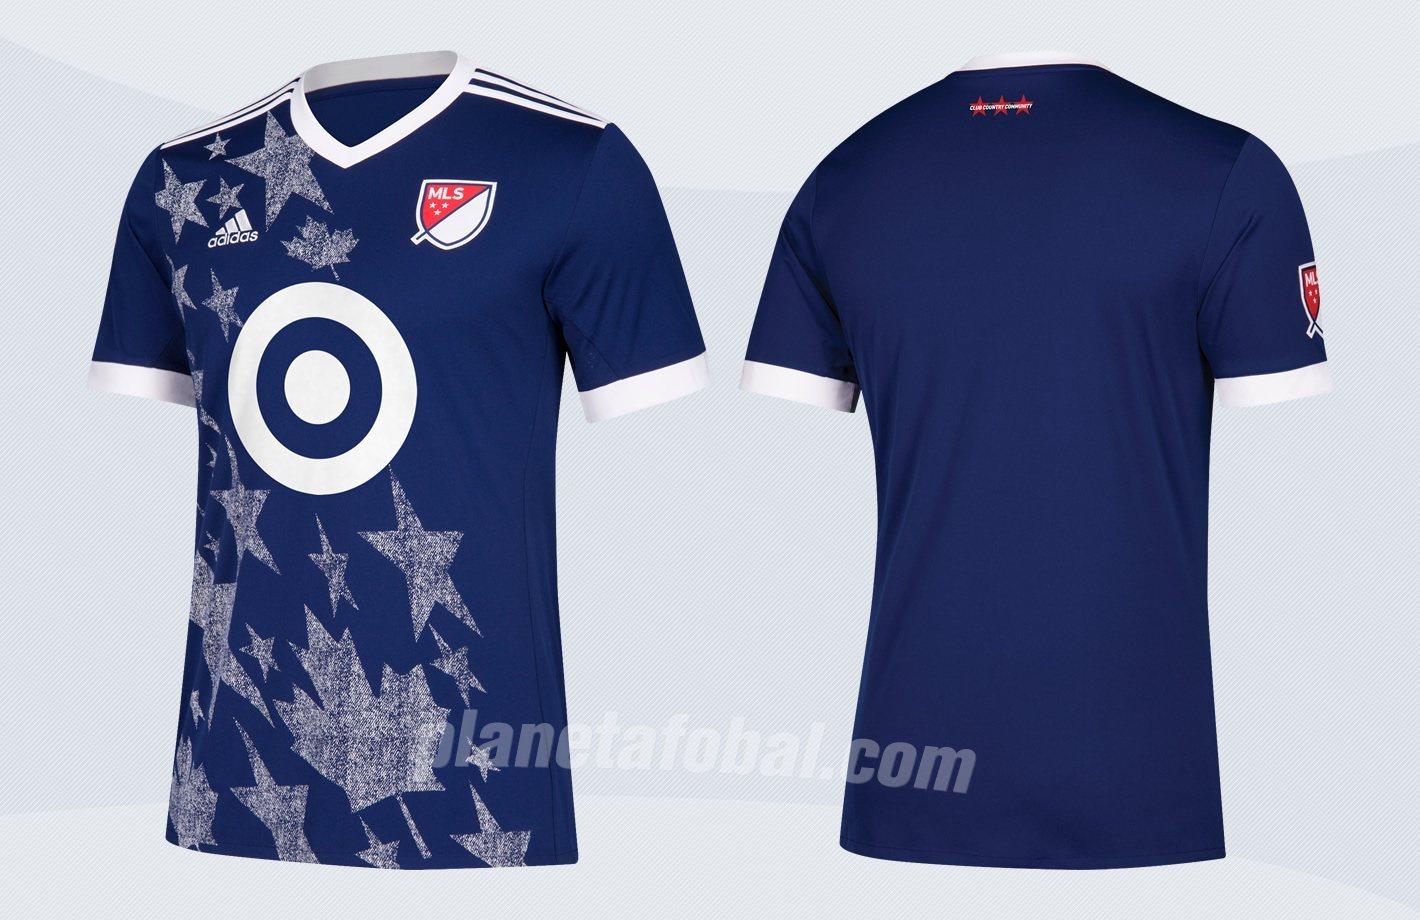 Camiseta Adidas para el MLS All-Star 2017 | Imágenes Web Oficial